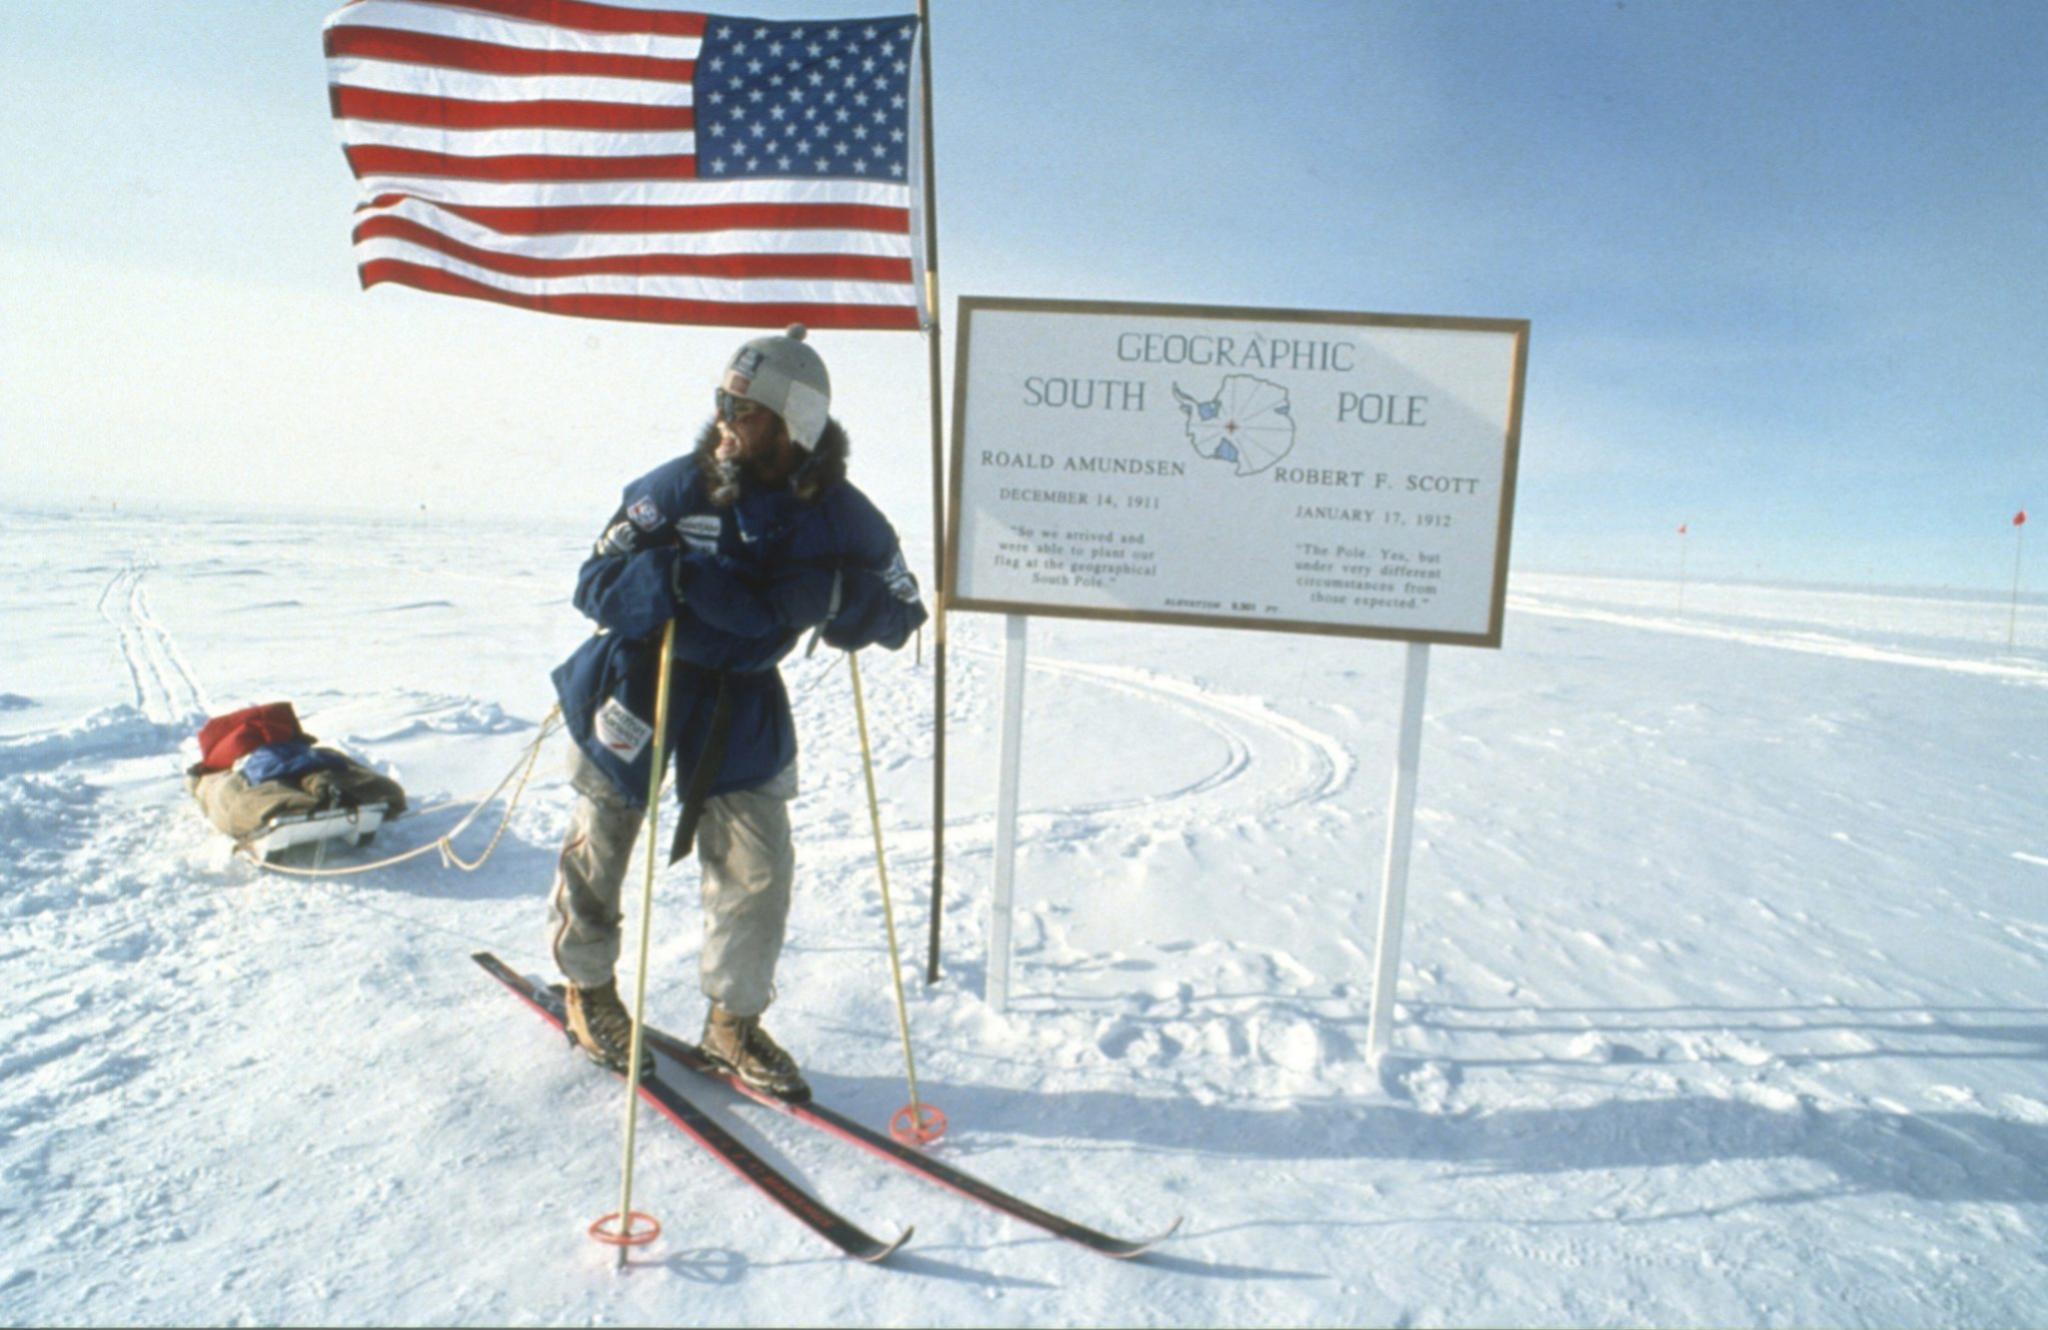 Polo Sur. Tres años después de la hazaña del Polo Norte, Kagge completó la primera expedición sin apoyo al Polo Sur, recorriendo 1.310 km en 52 días. Durante esta expedición no tuvo contacto por radio con el mundo exterior. Una hazaña que fue portada de la revista Time.